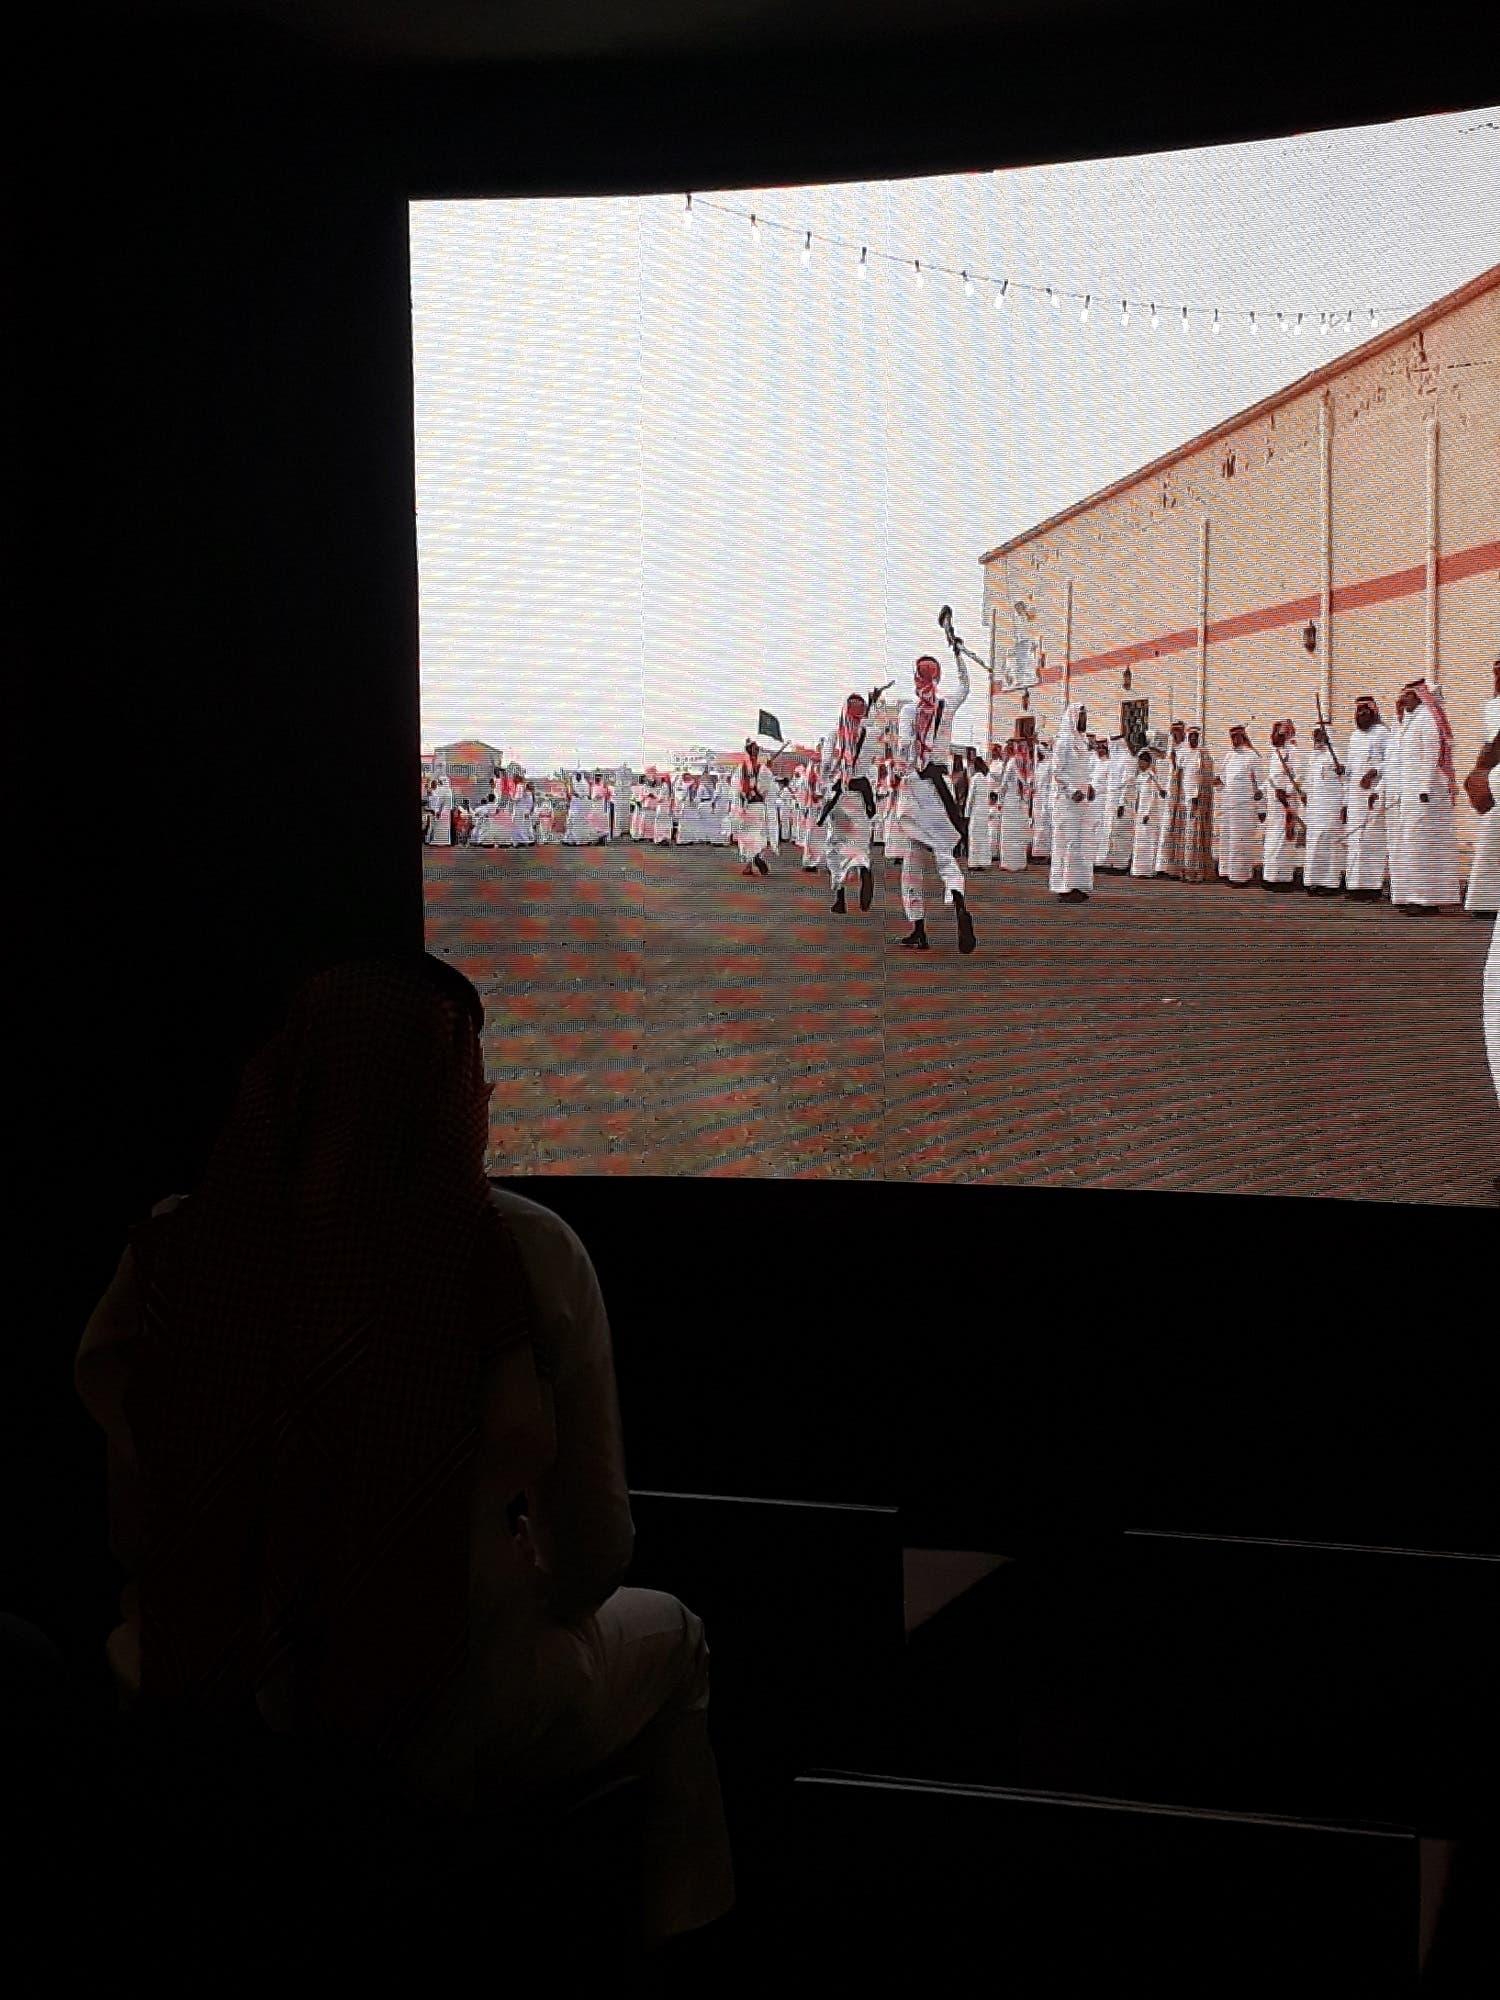 Saudi cinema 4